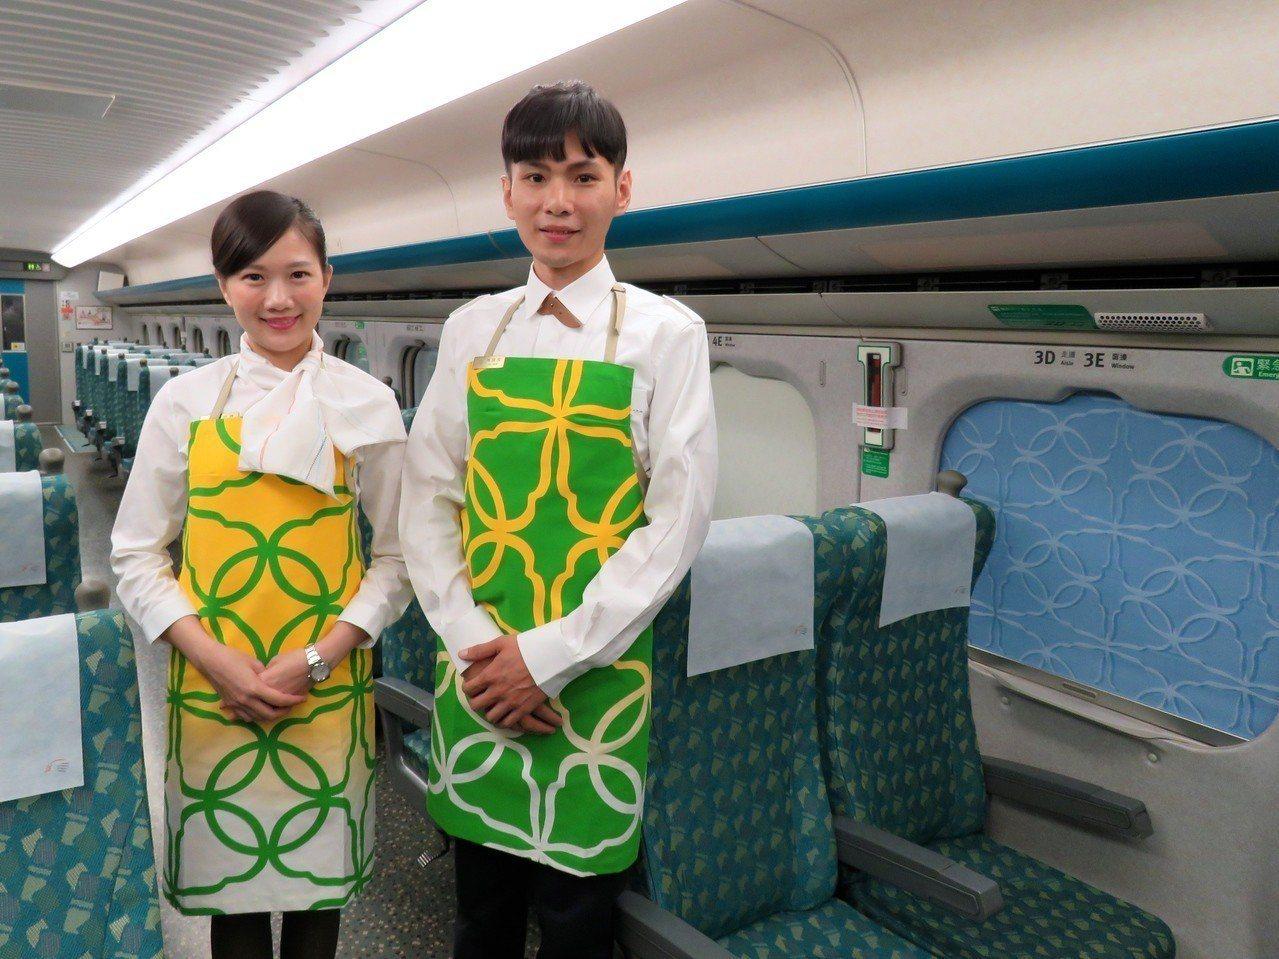 台灣高鐵藝術元年推新活動,即日起至9月列車車窗將隨機換裝藍、綠二色的藝術遮光簾,...